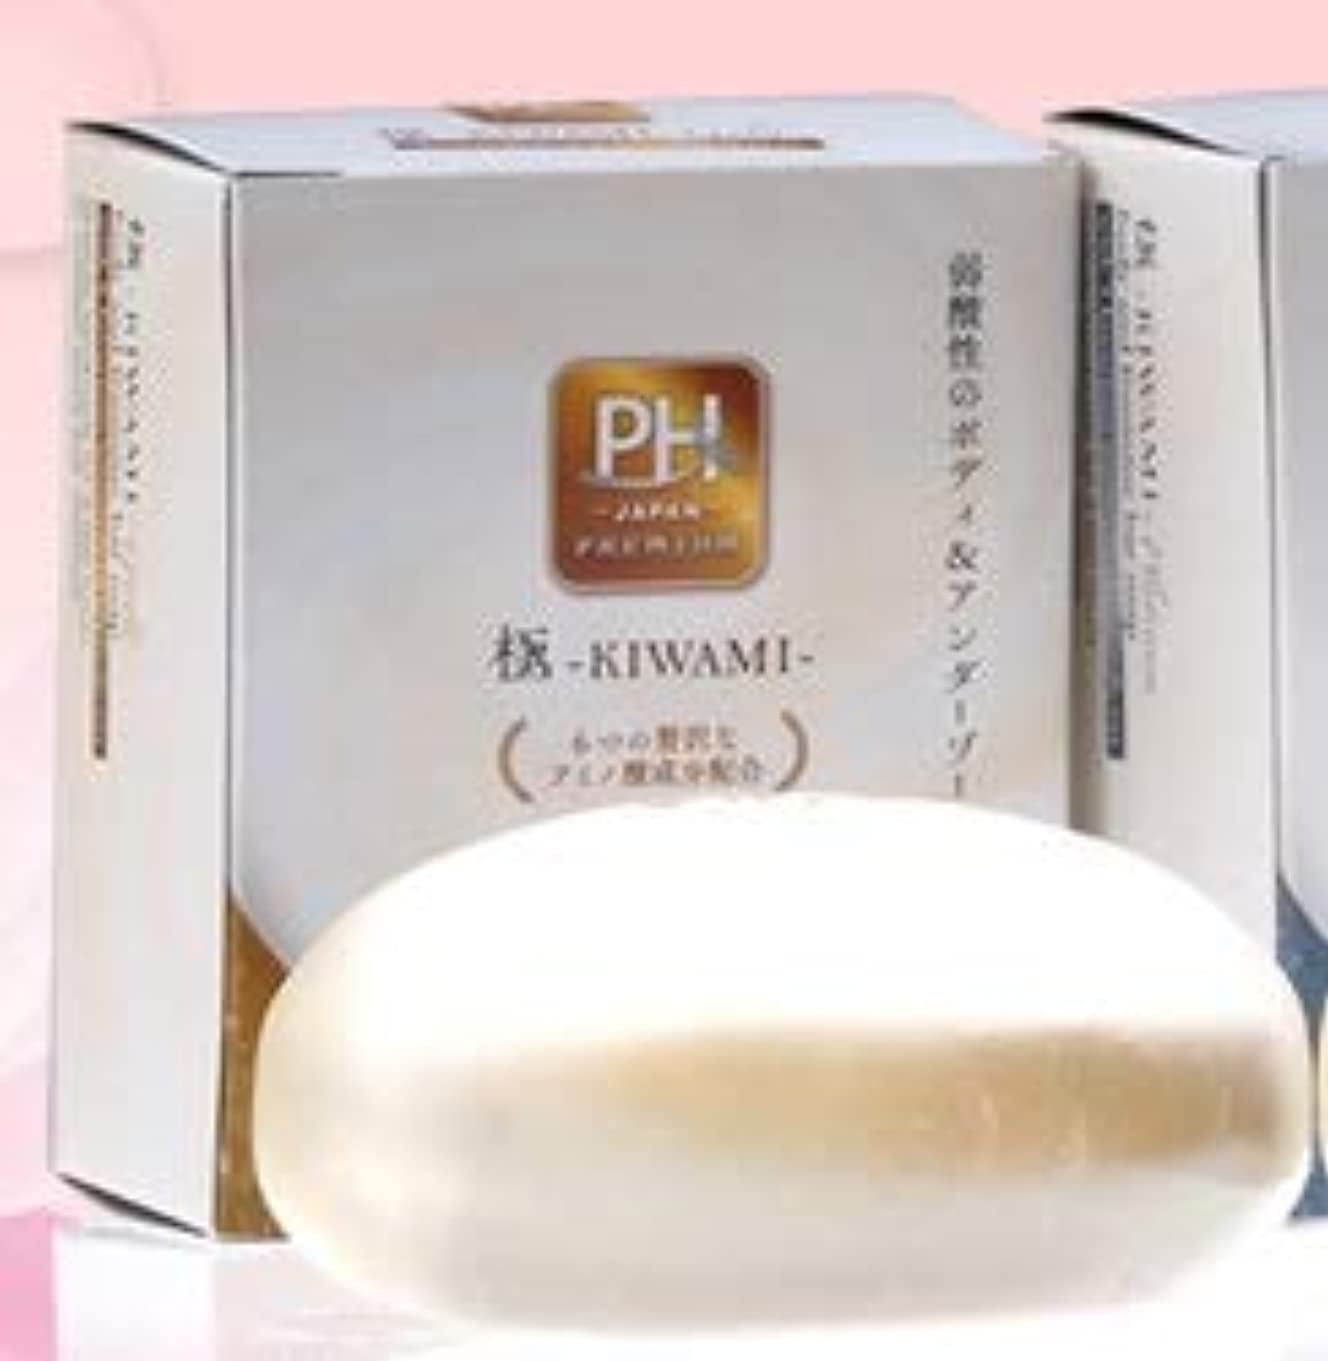 アルファベット月ミケランジェロ弱酸性アミノ酸 透明固形石けん 極-KIWAMI-ゴールド